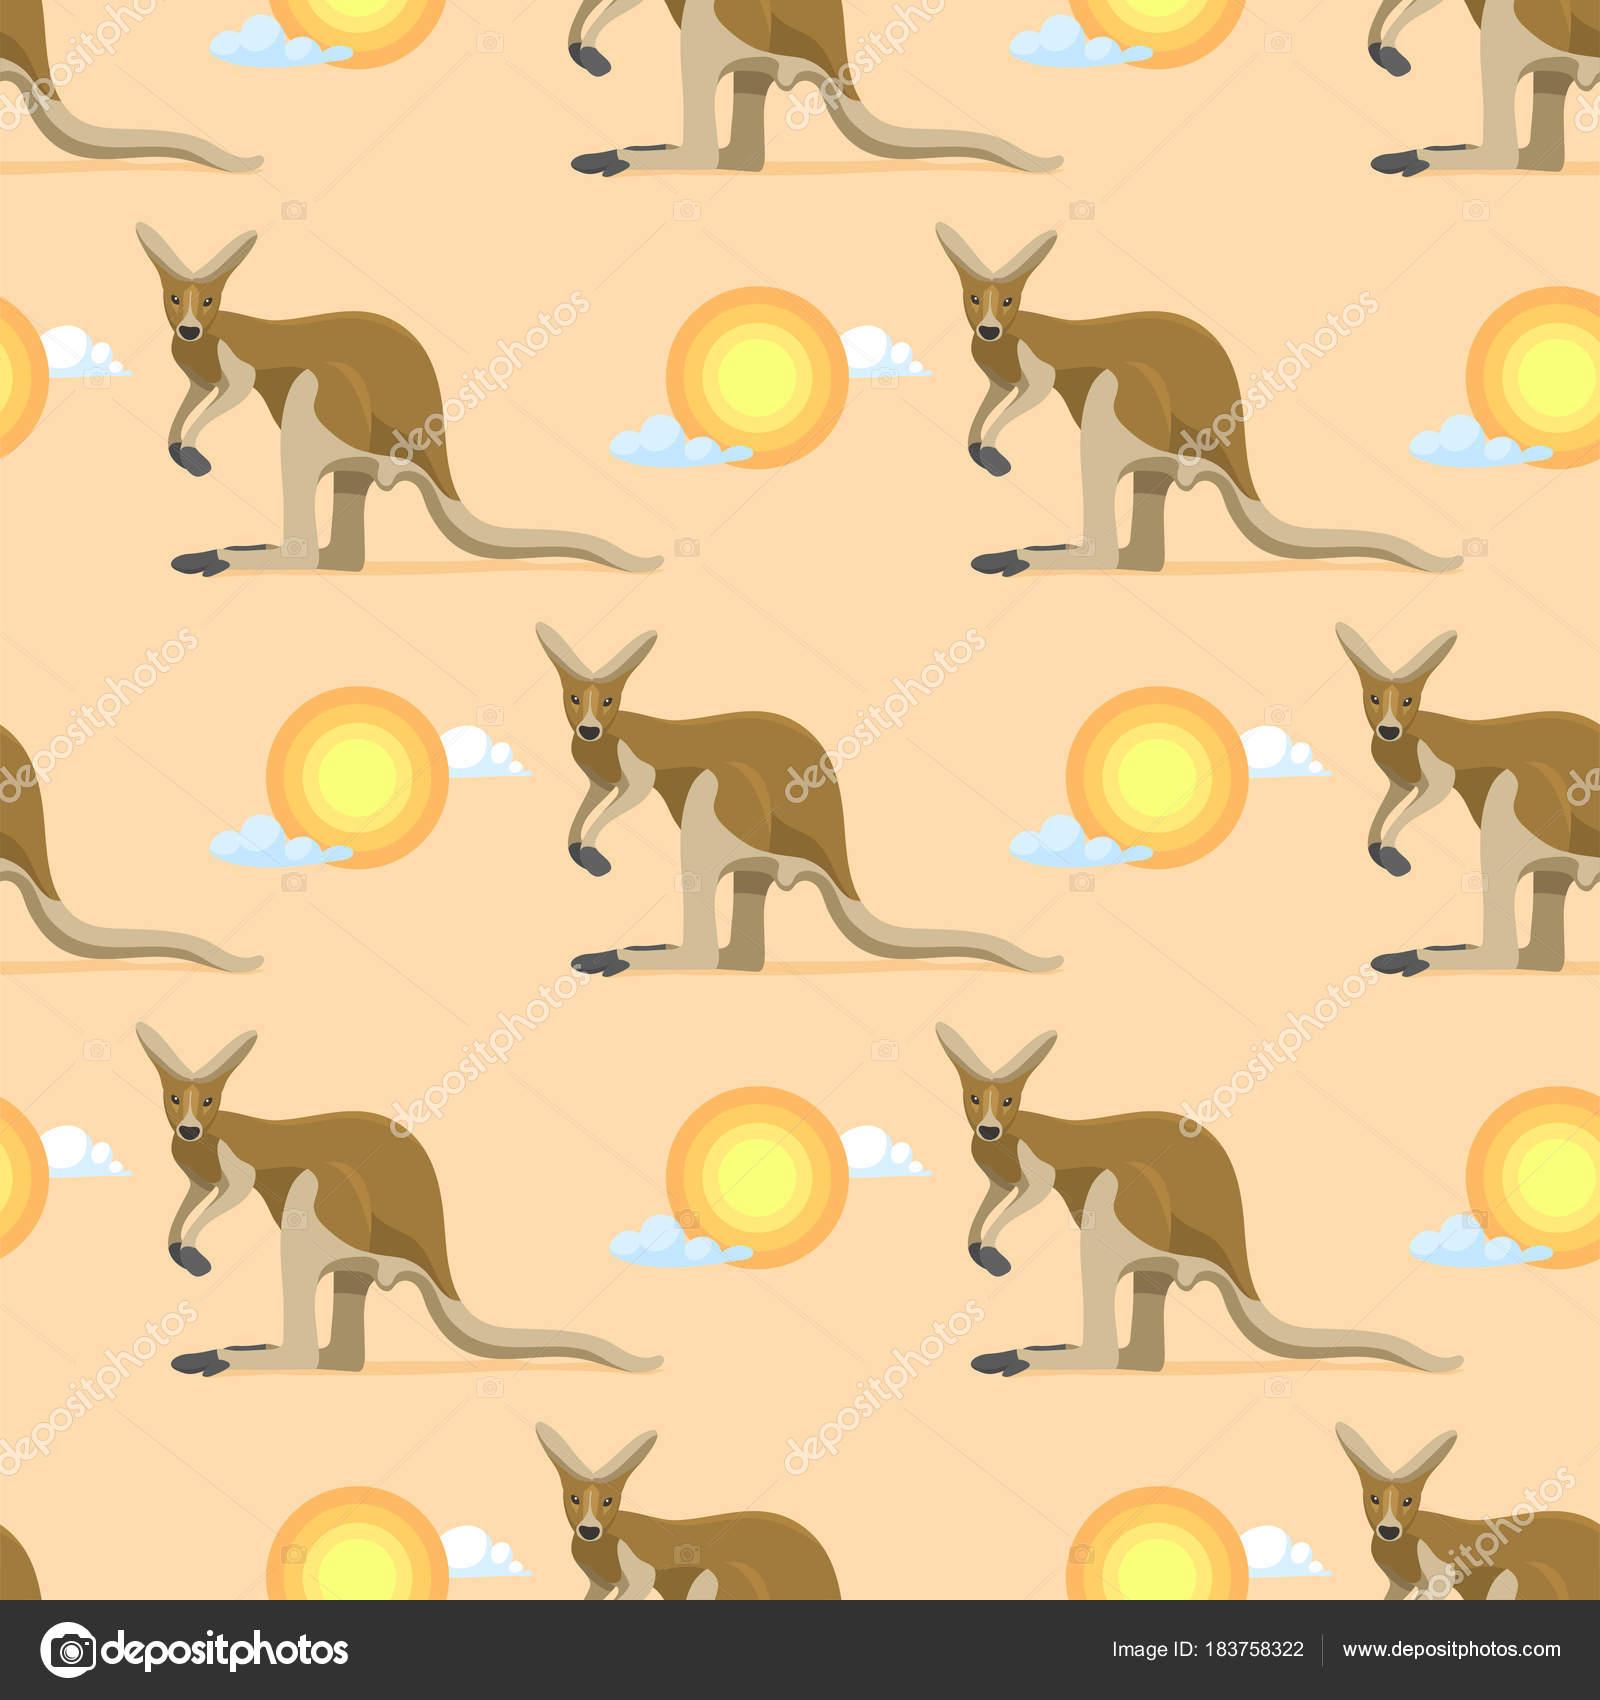 オーストラリアの動物カンガルー オーストラリア、風景や背景のイラスト